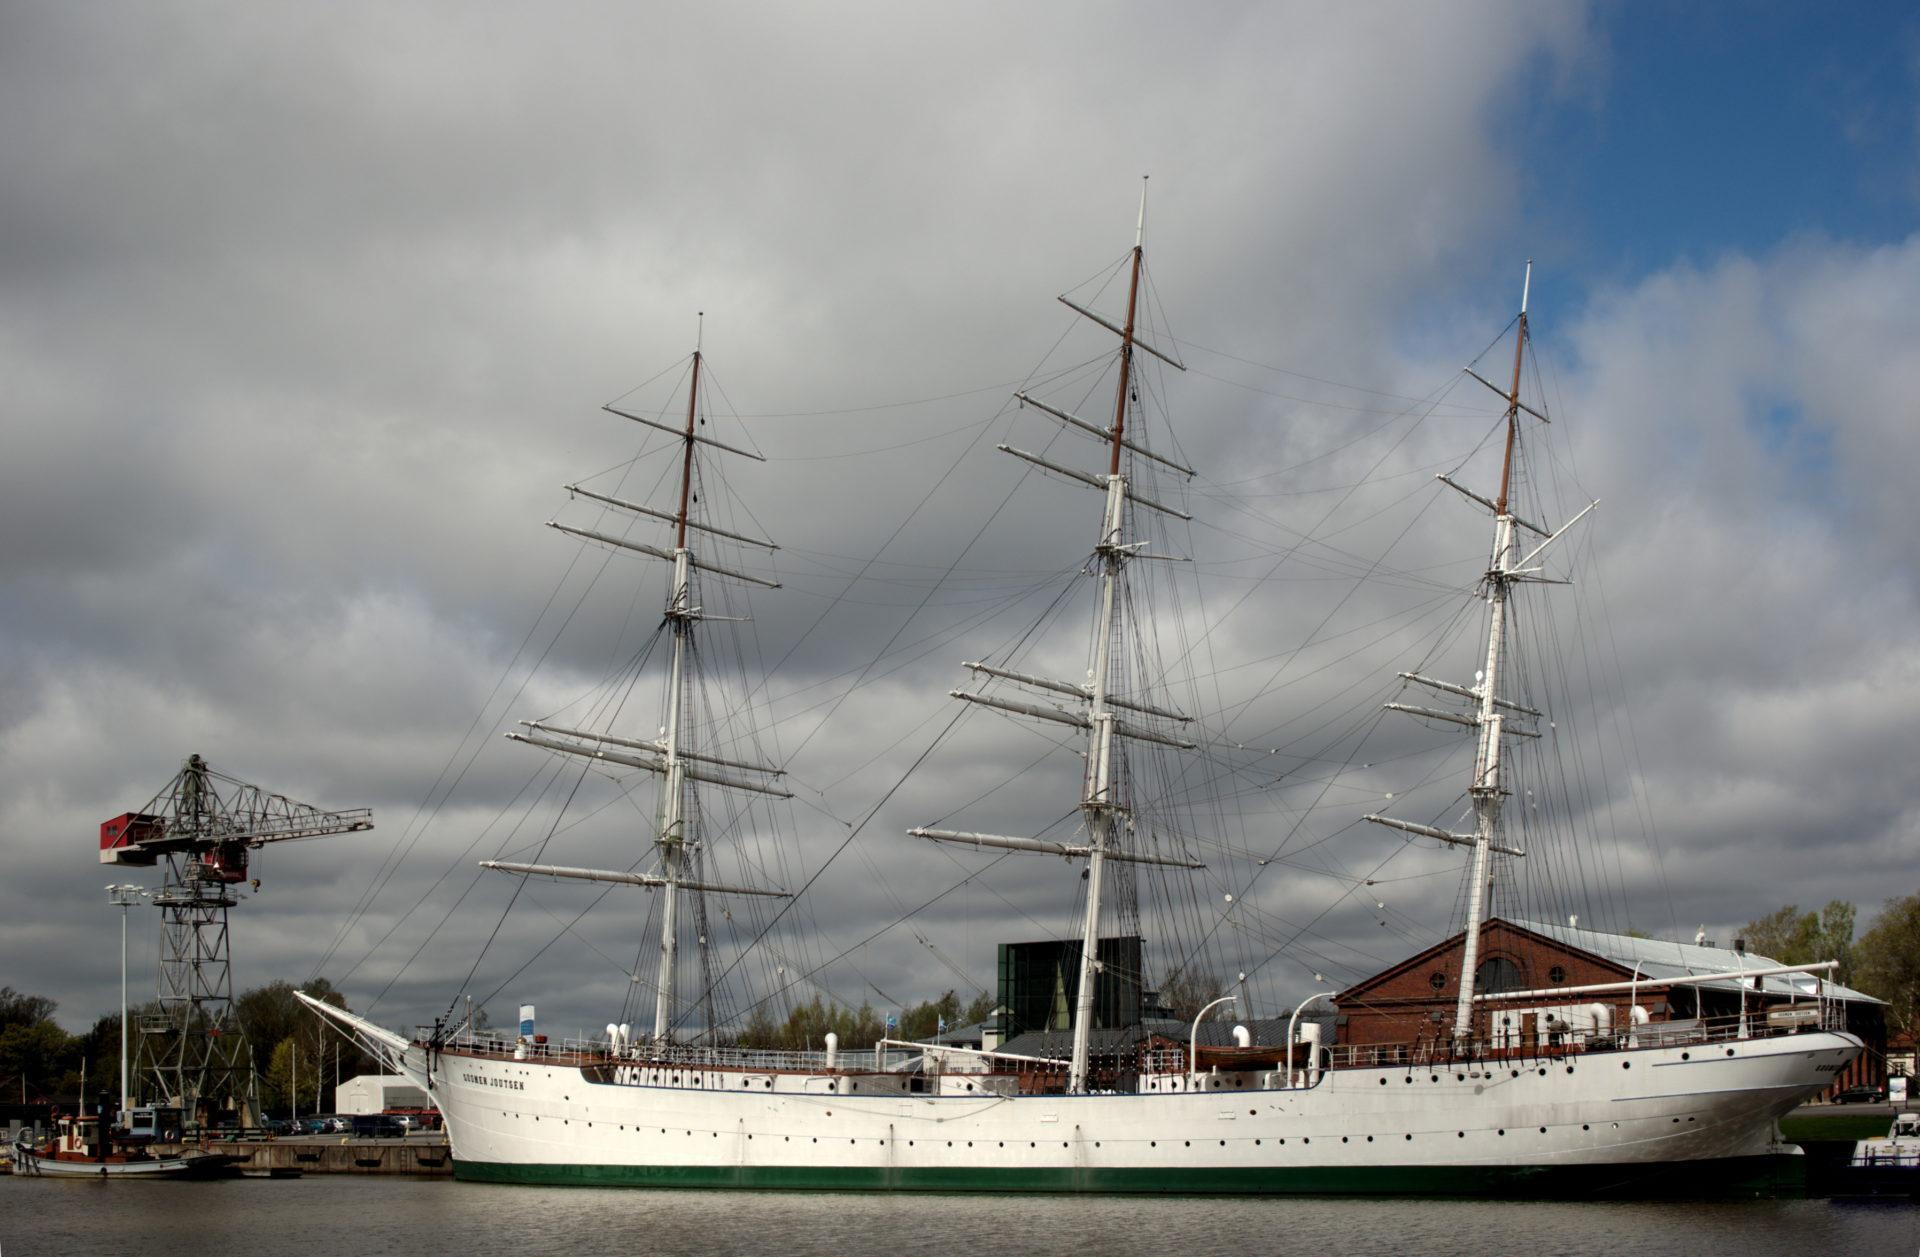 Suomen Joutsen-laiva Aurajoen rannalla Turussa pilvisenä päivänä